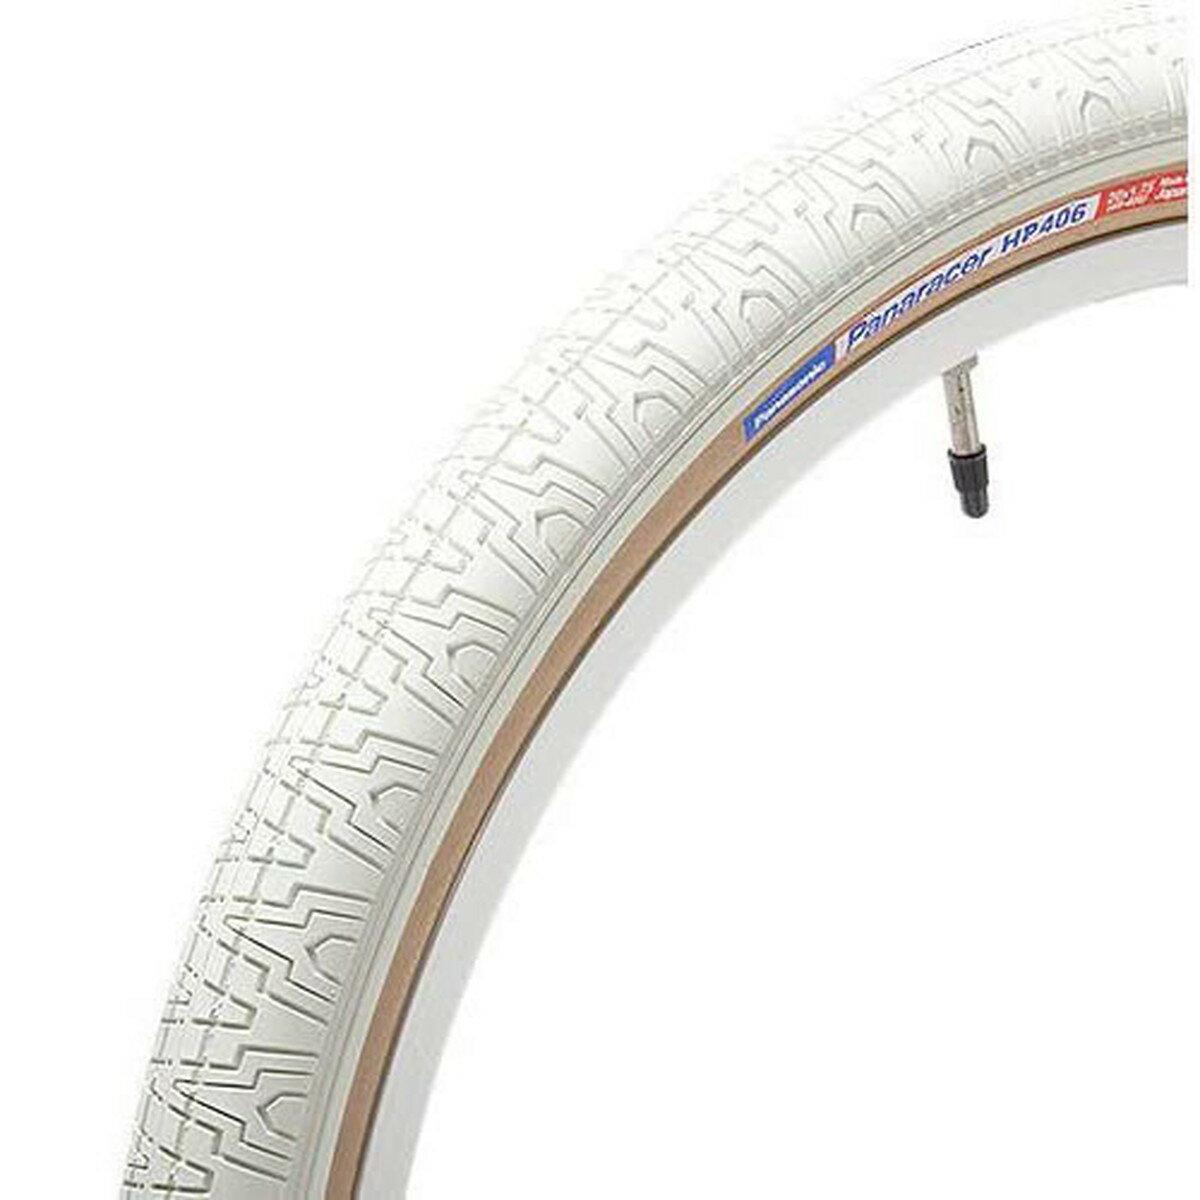 自転車用パーツ, タイヤ Panaracer HP406 201.75